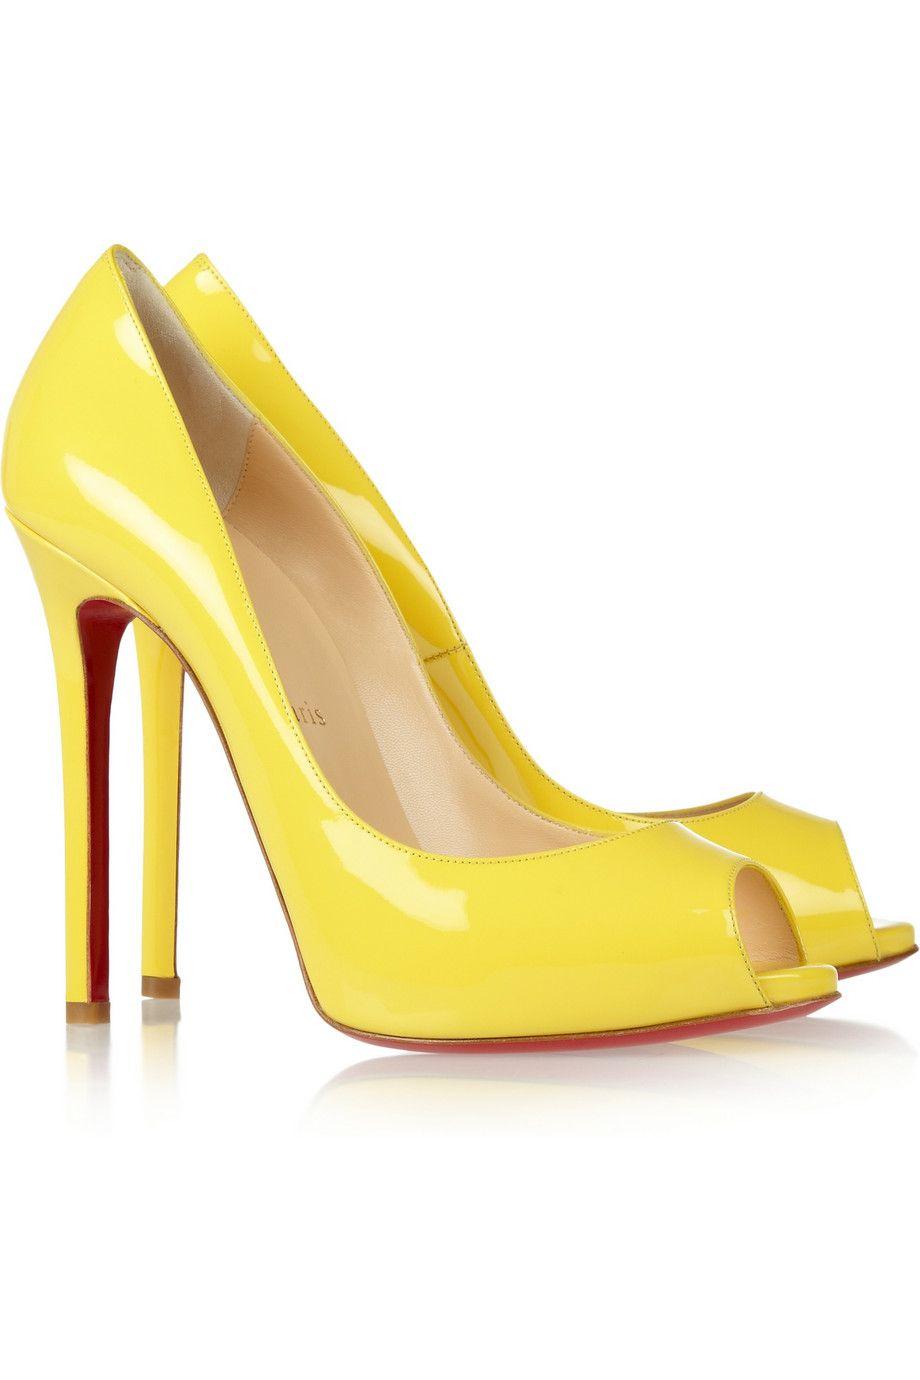 louboutin femme escarpin jaune